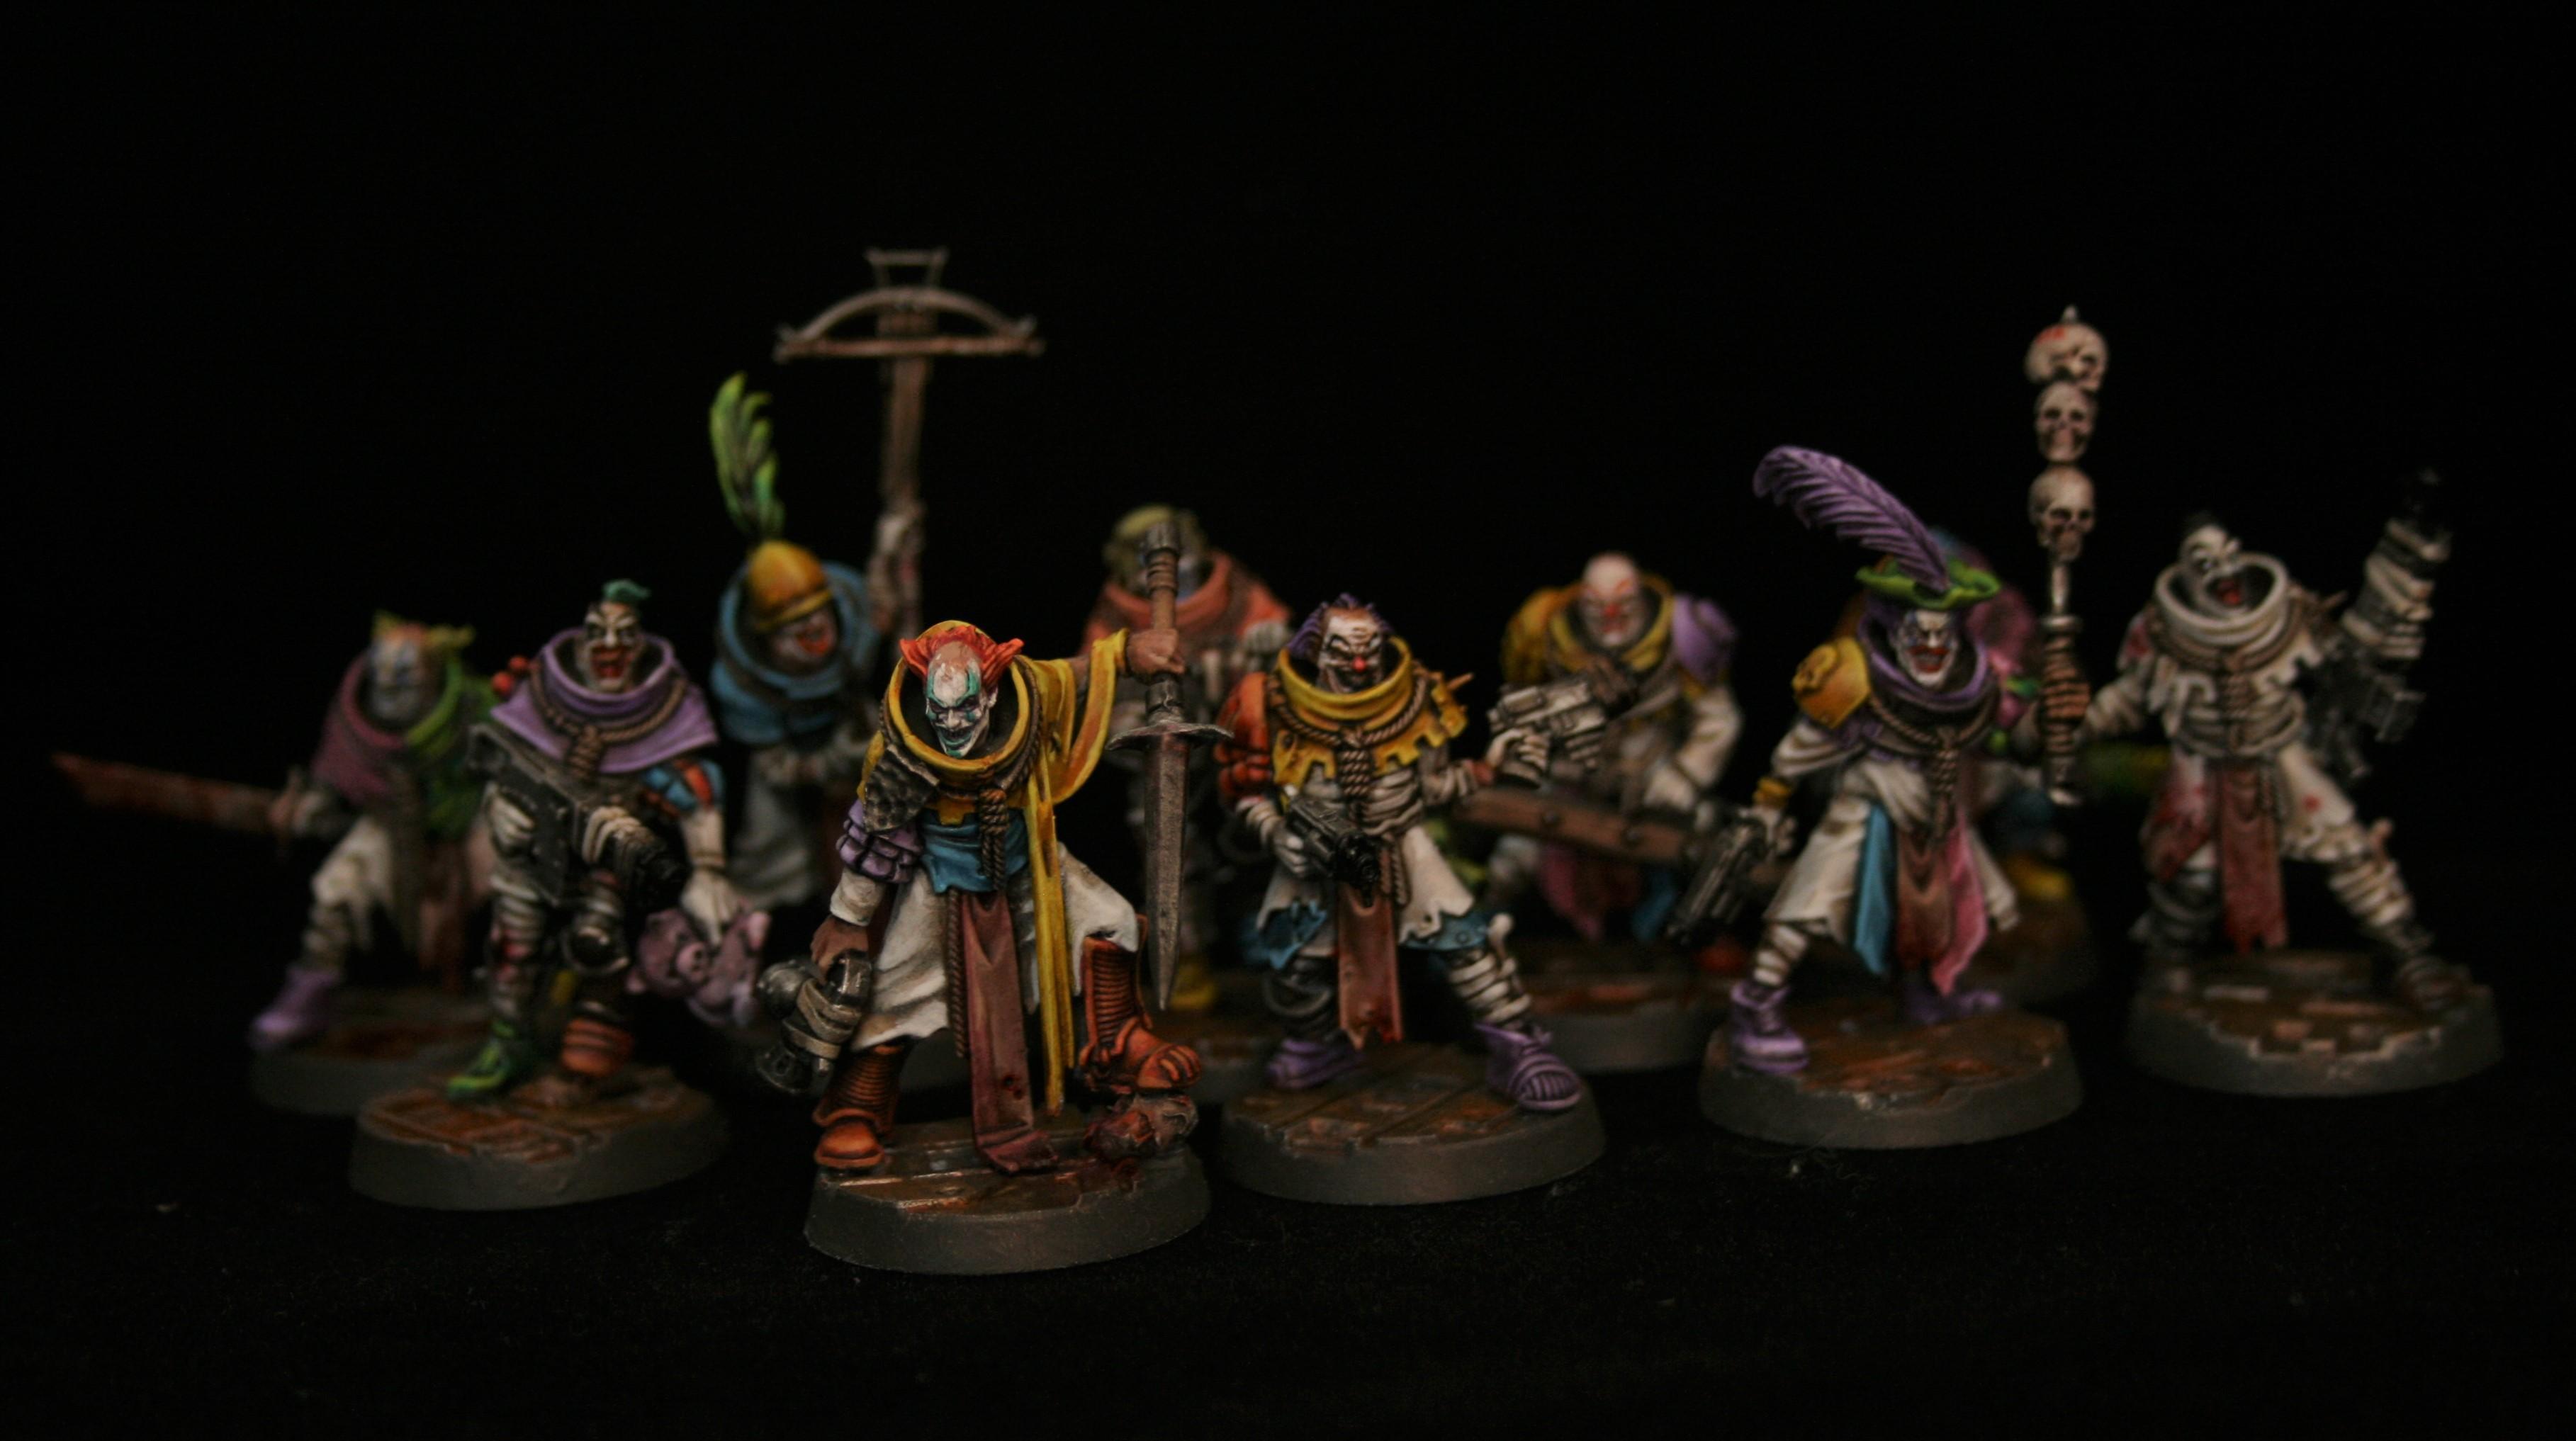 Cawdor, Clowns, Conversion, Necromunda